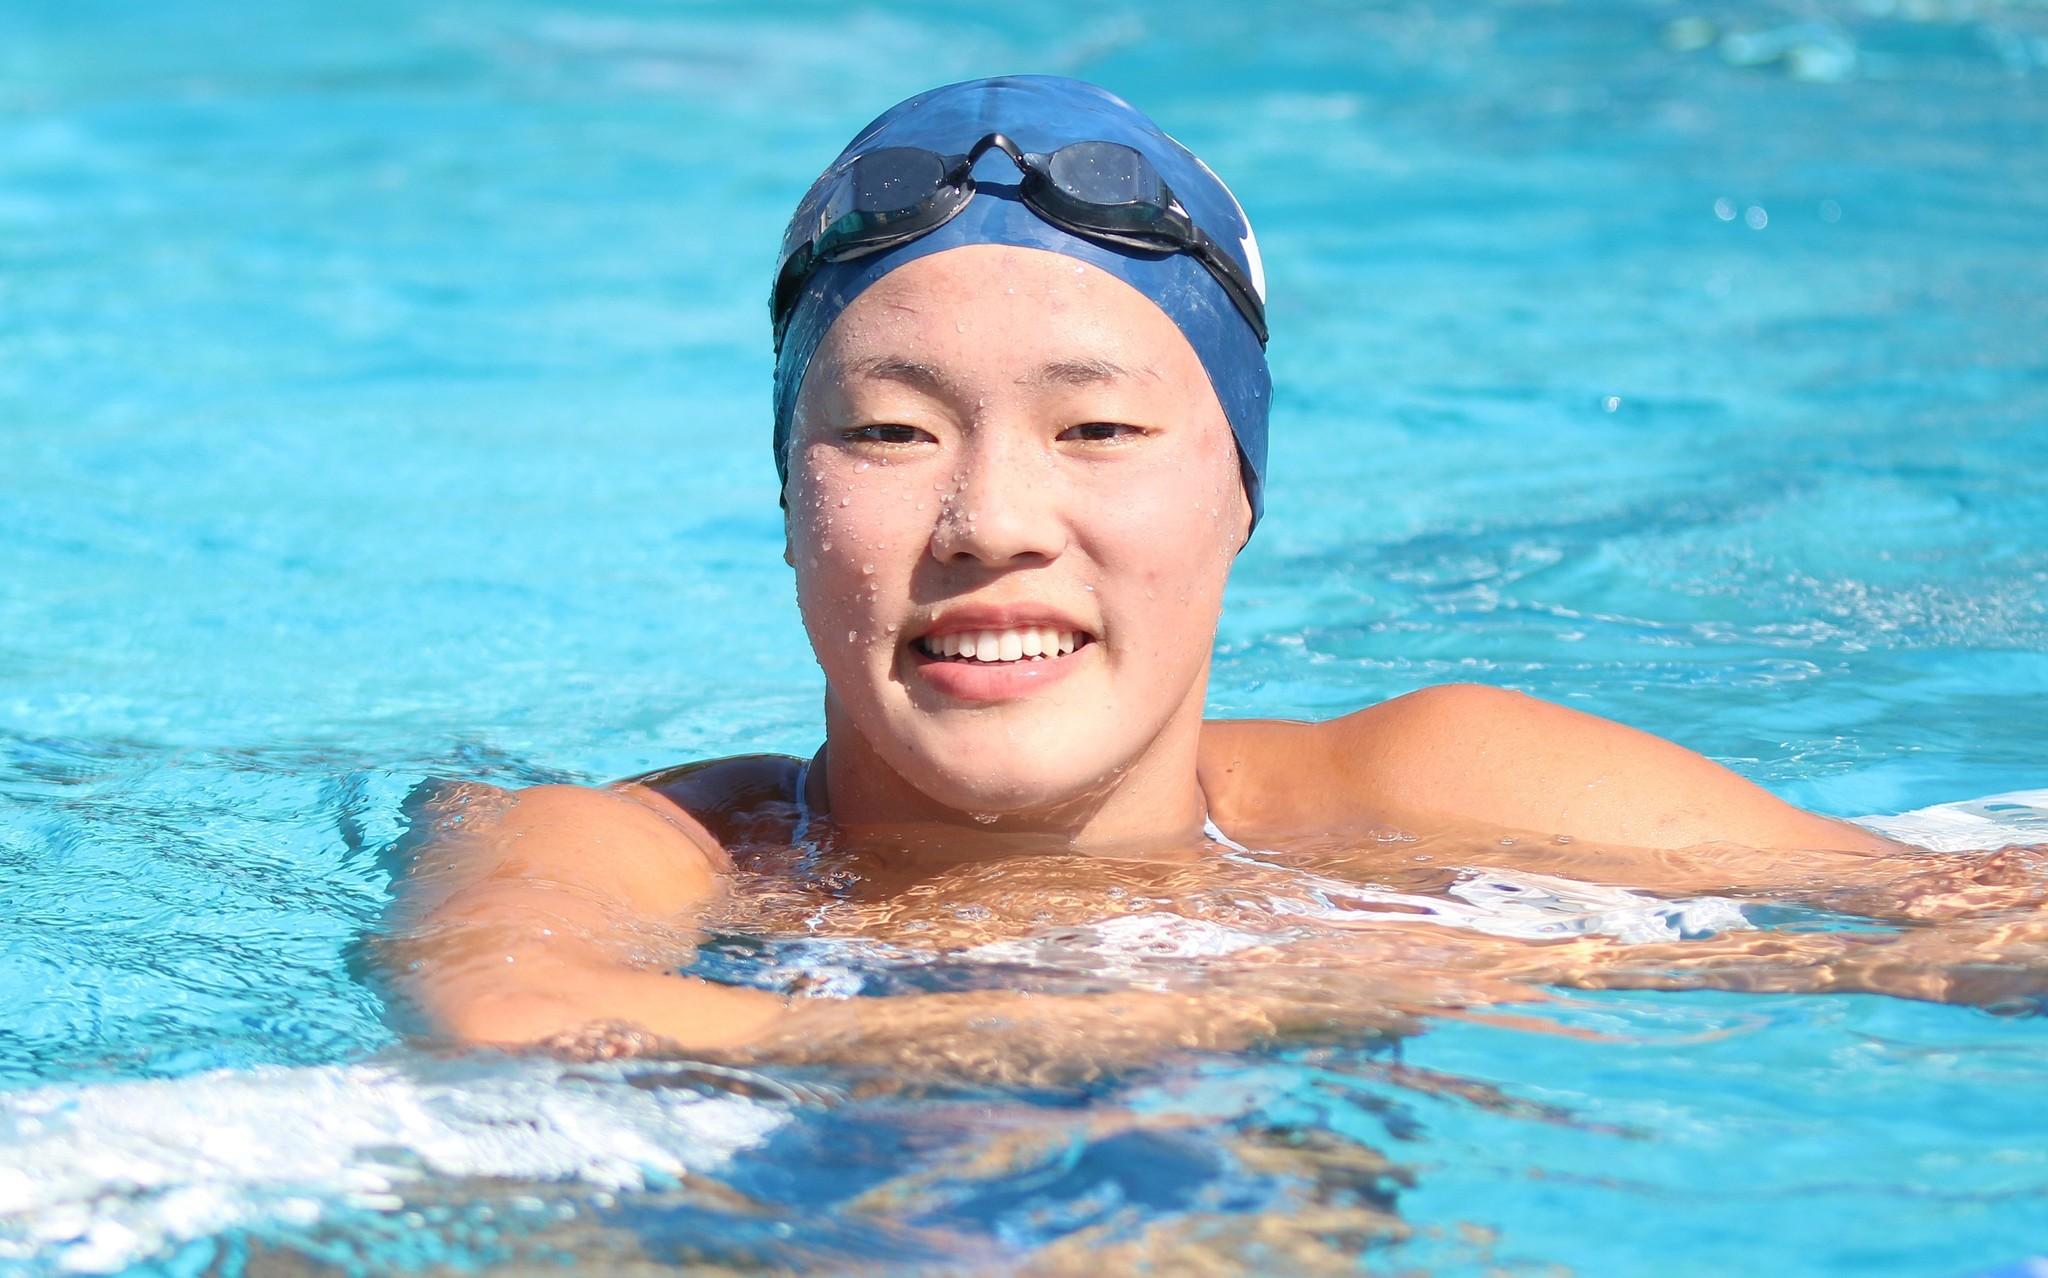 Rachel Rhee